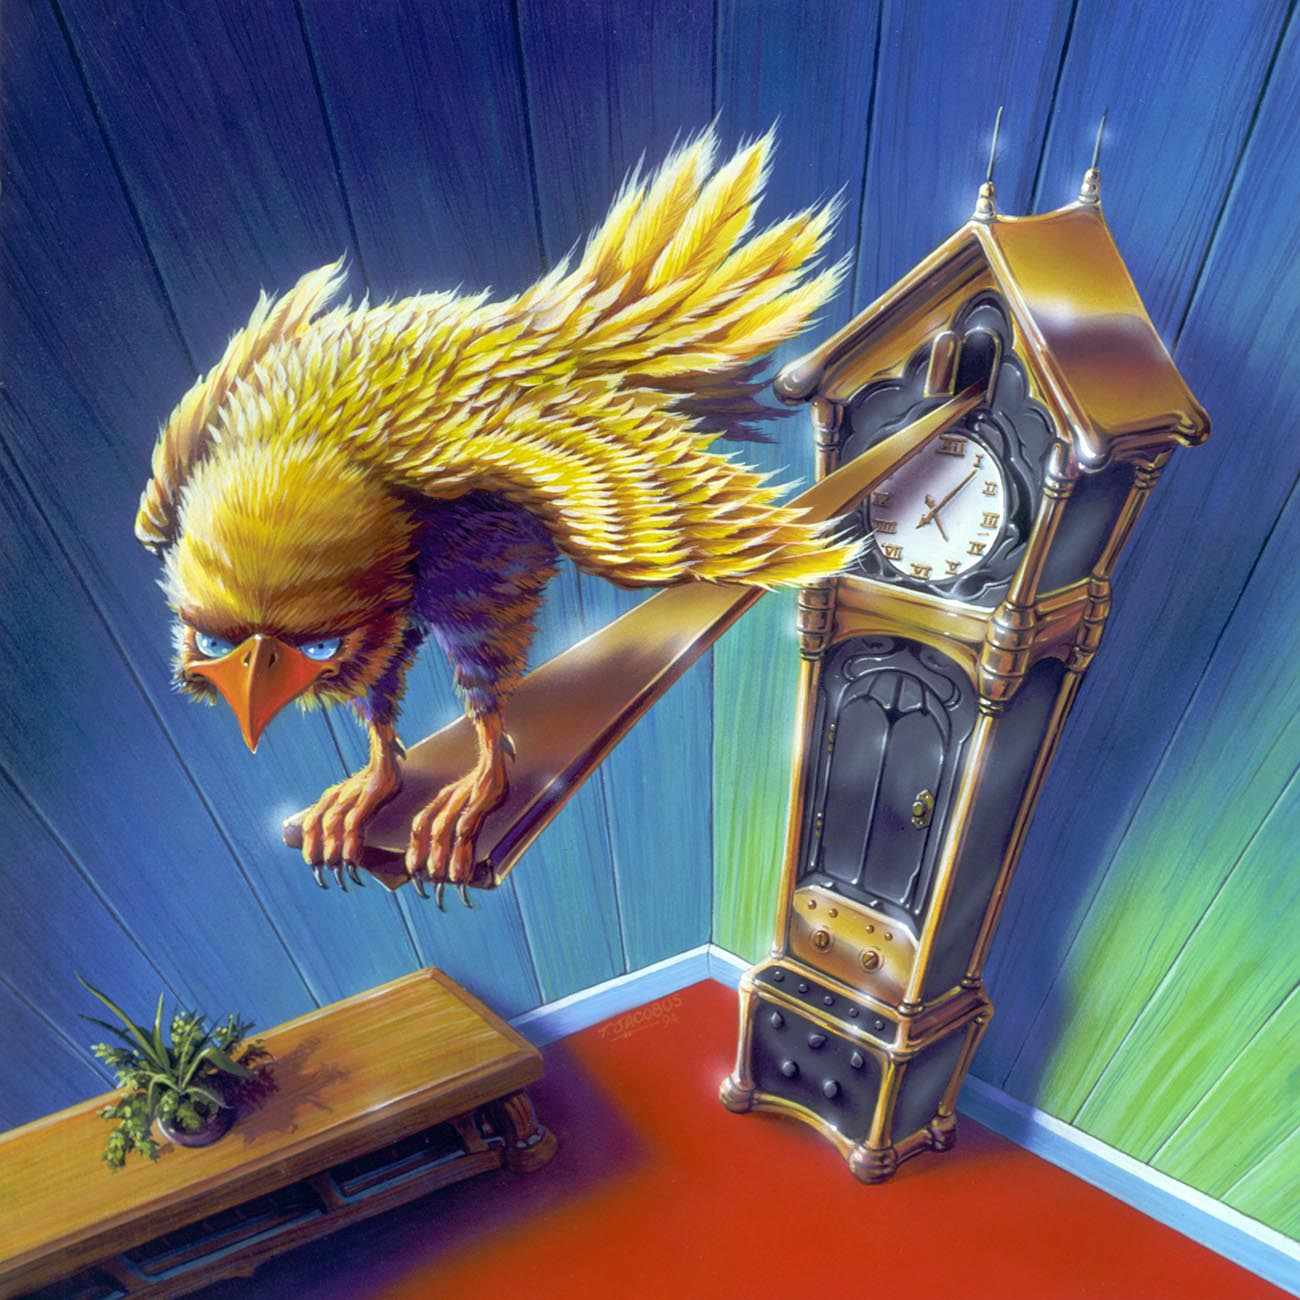 28 – The Cuckoo Clock of Doom